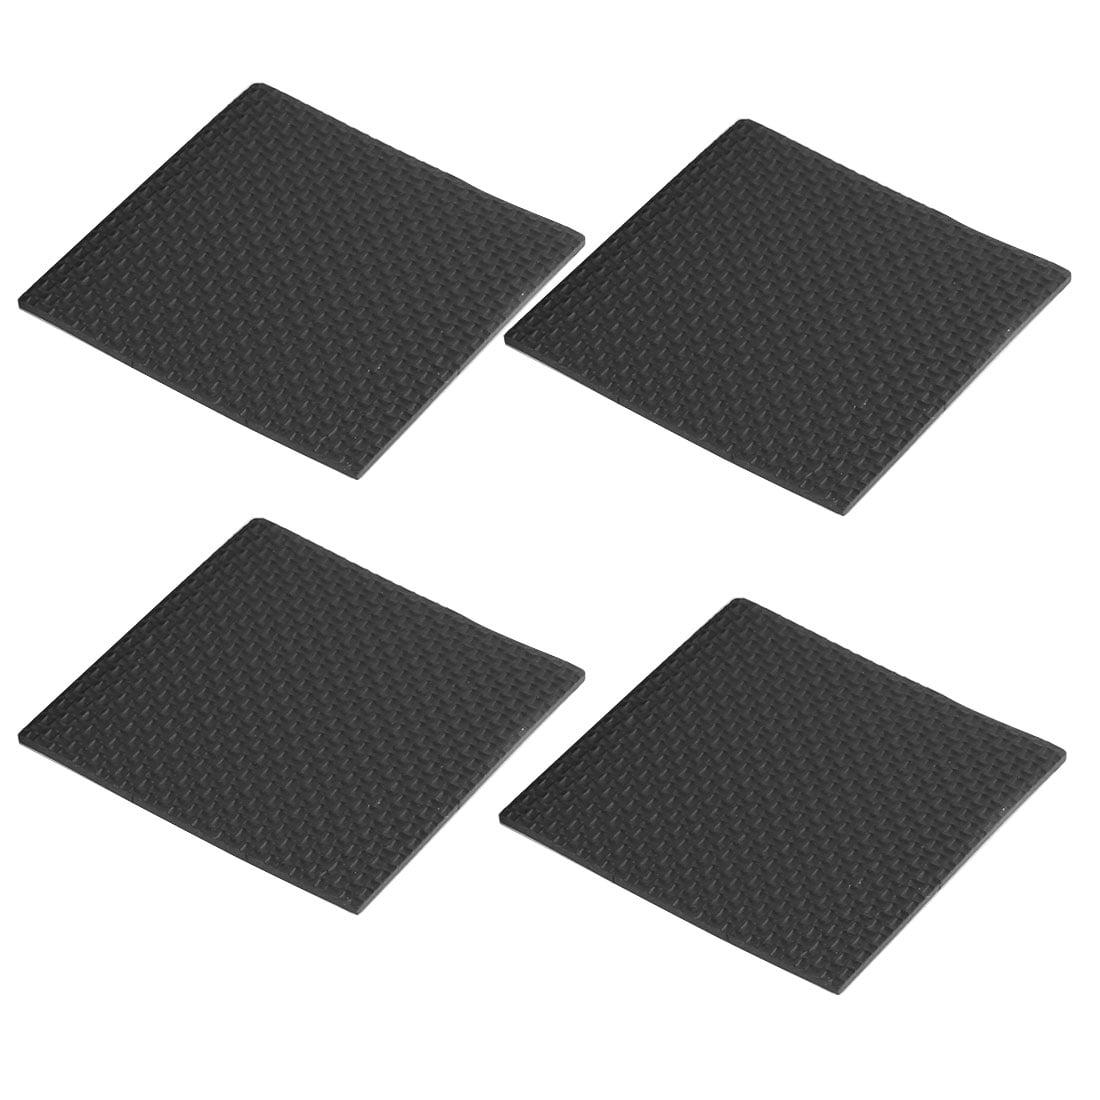 Accueil Table carrée Ameublement Chaise Coussin Protecteur Mat Tapis 88 x 88mm 4pcs - image 3 de 3